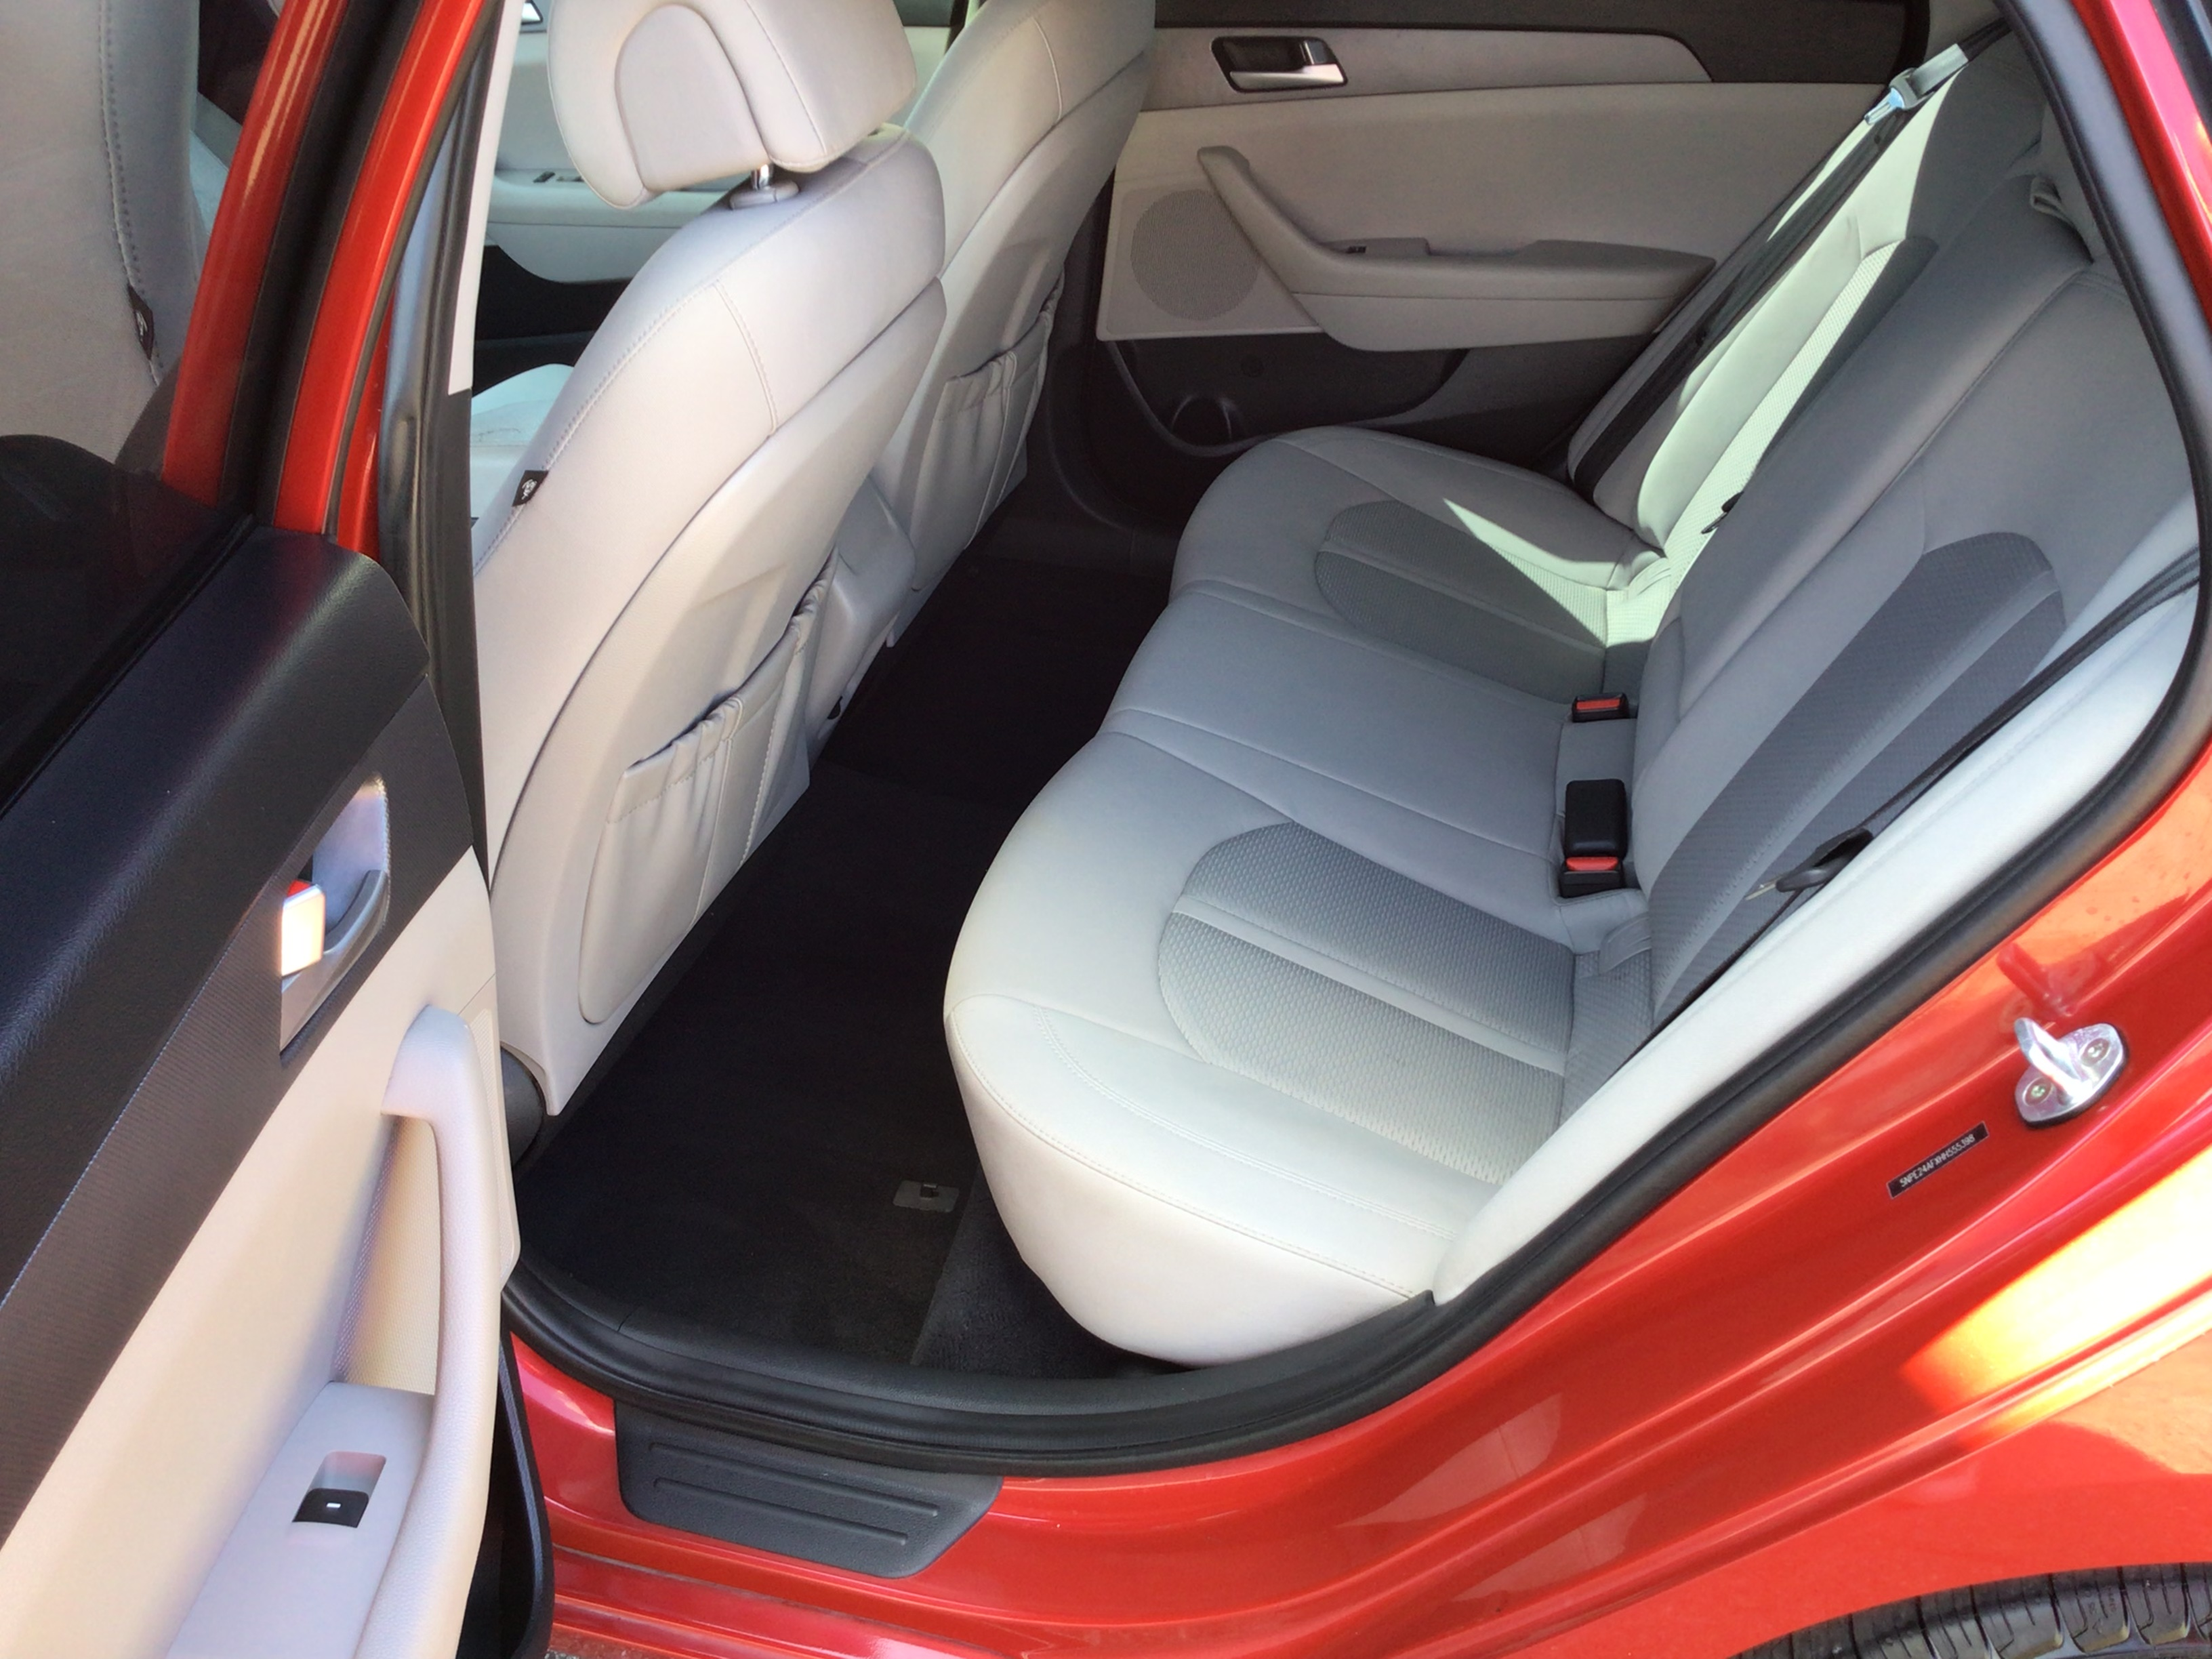 used vehicle - Sedan HYUNDAI SONATA 2017